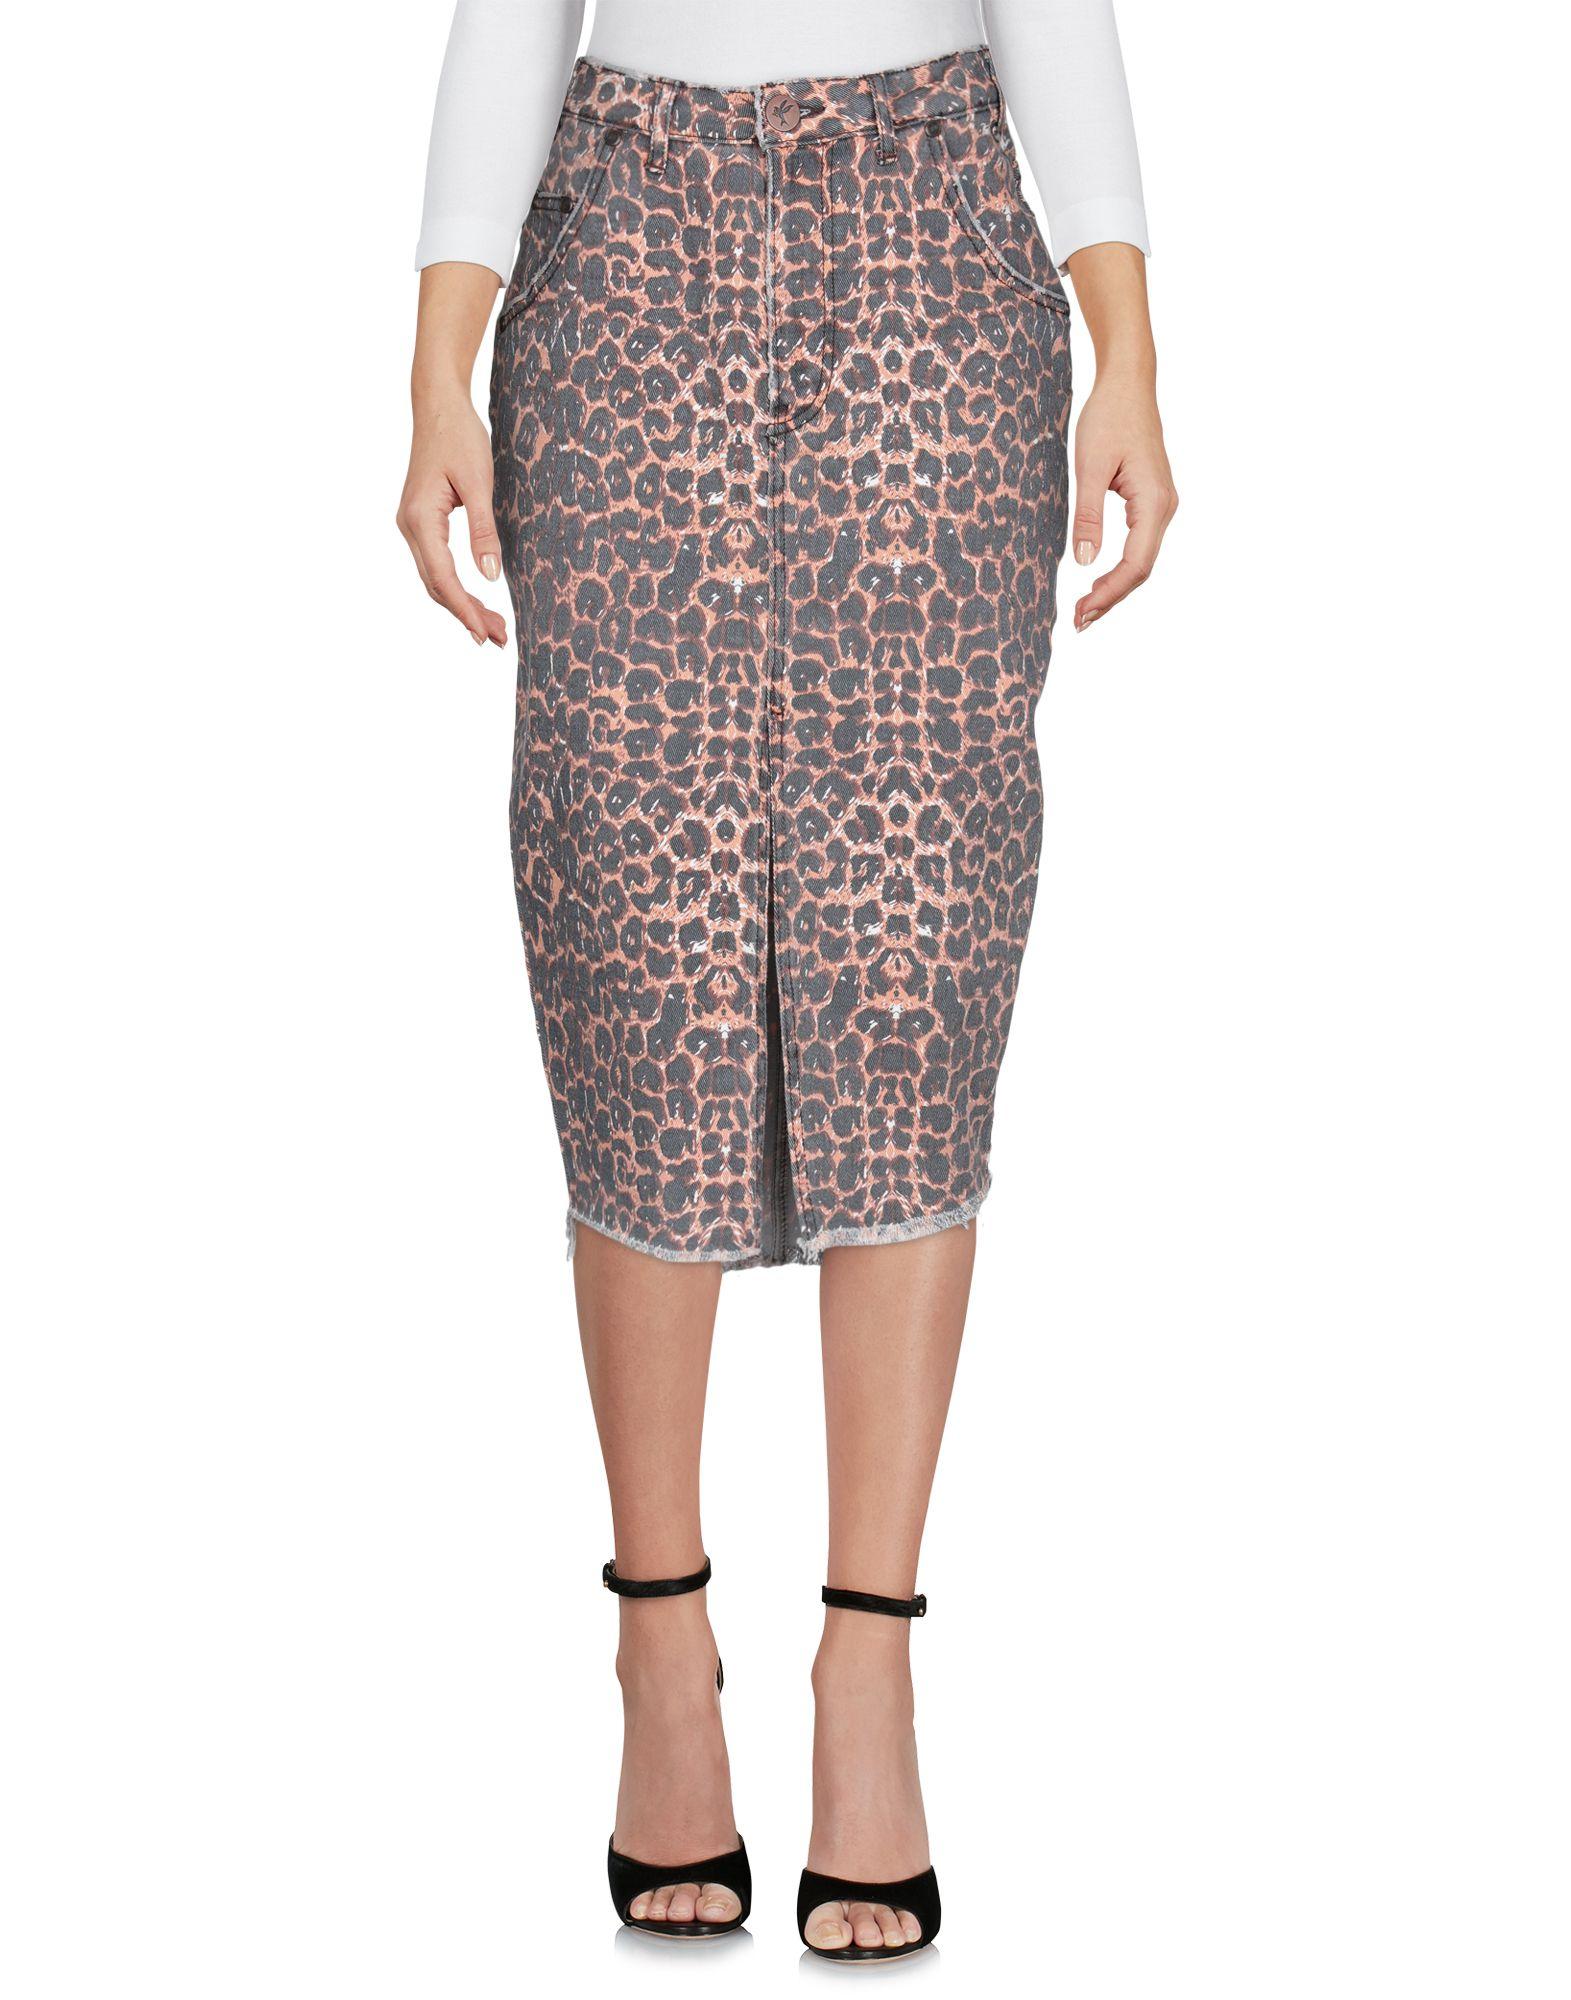 ONE x ONETEASPOON Джинсовая юбка табун рисунок 30 x 45см